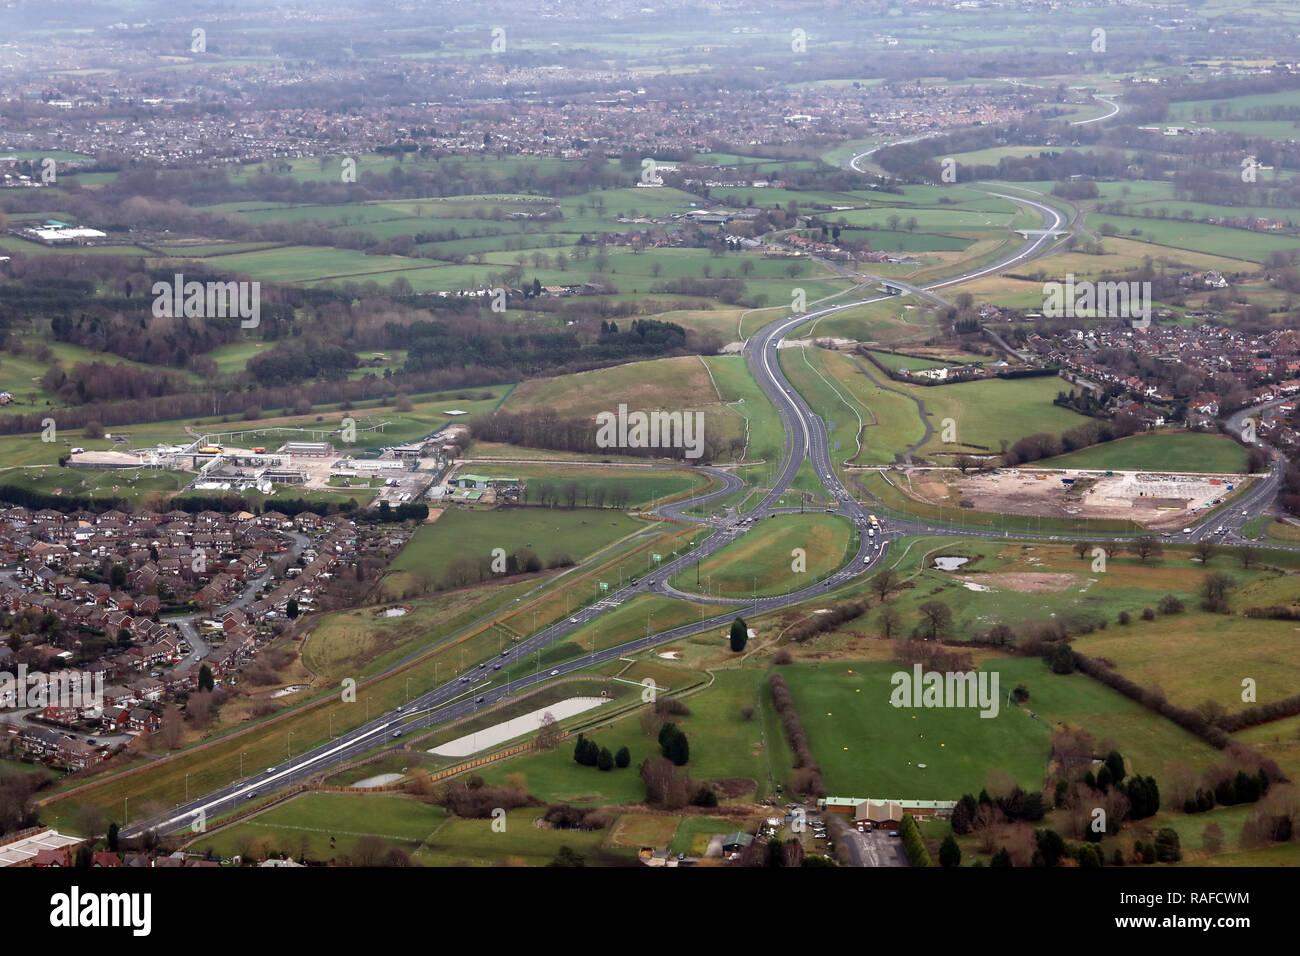 Vista aerea della A555 Manchester Airport sollievo Road, Regno Unito Immagini Stock